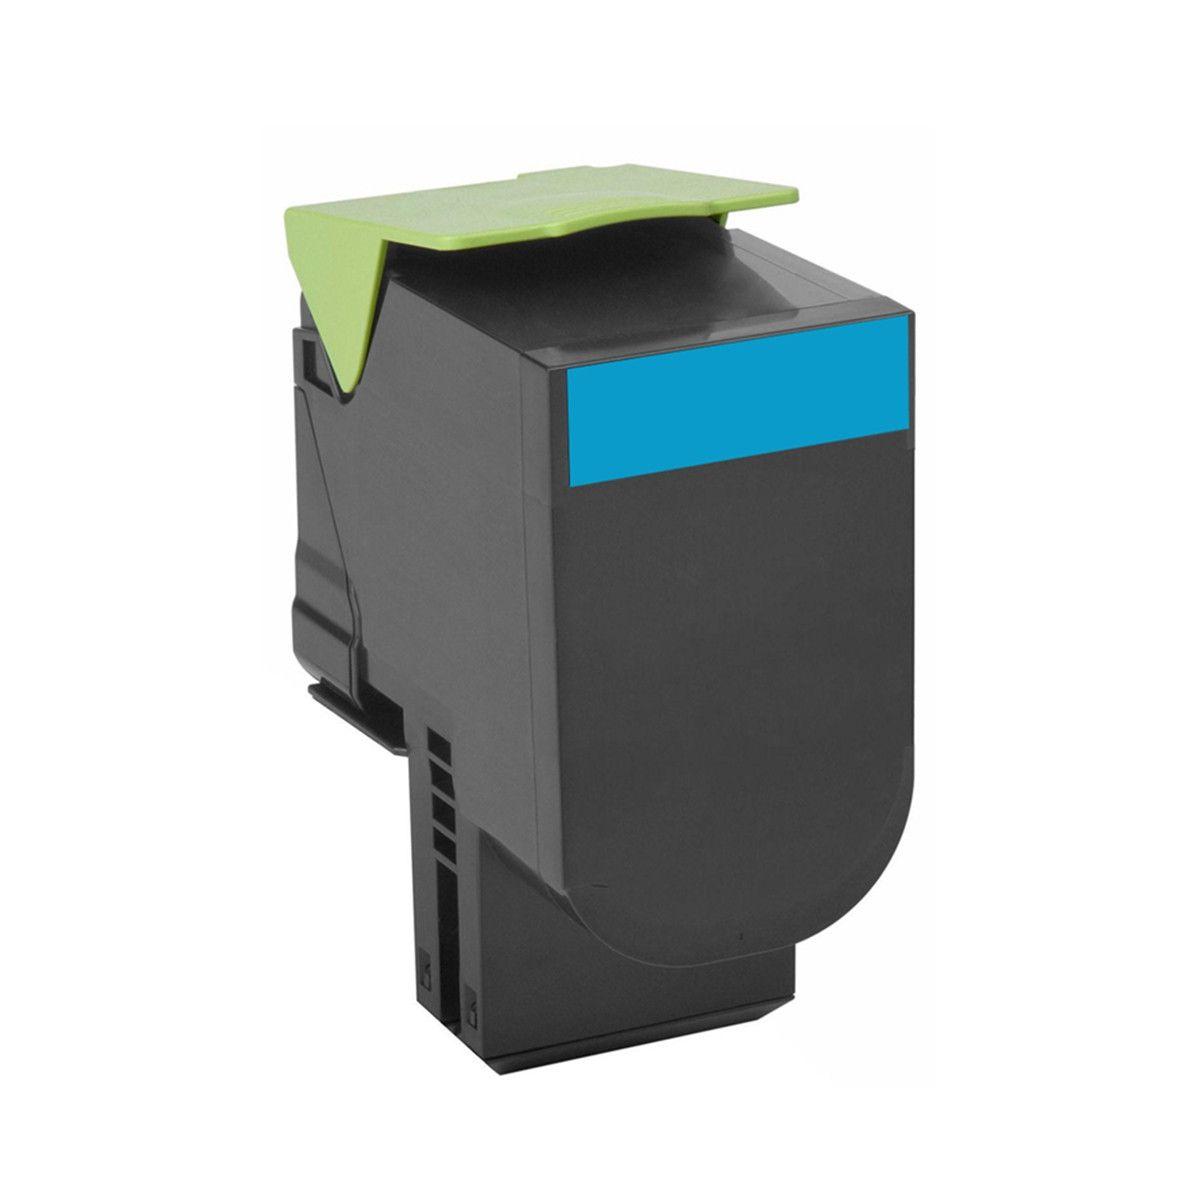 Toner Compatível Lexmark CS317 CS417 CS517 Ciano 2.300 Páginas - Cartucho & Cia